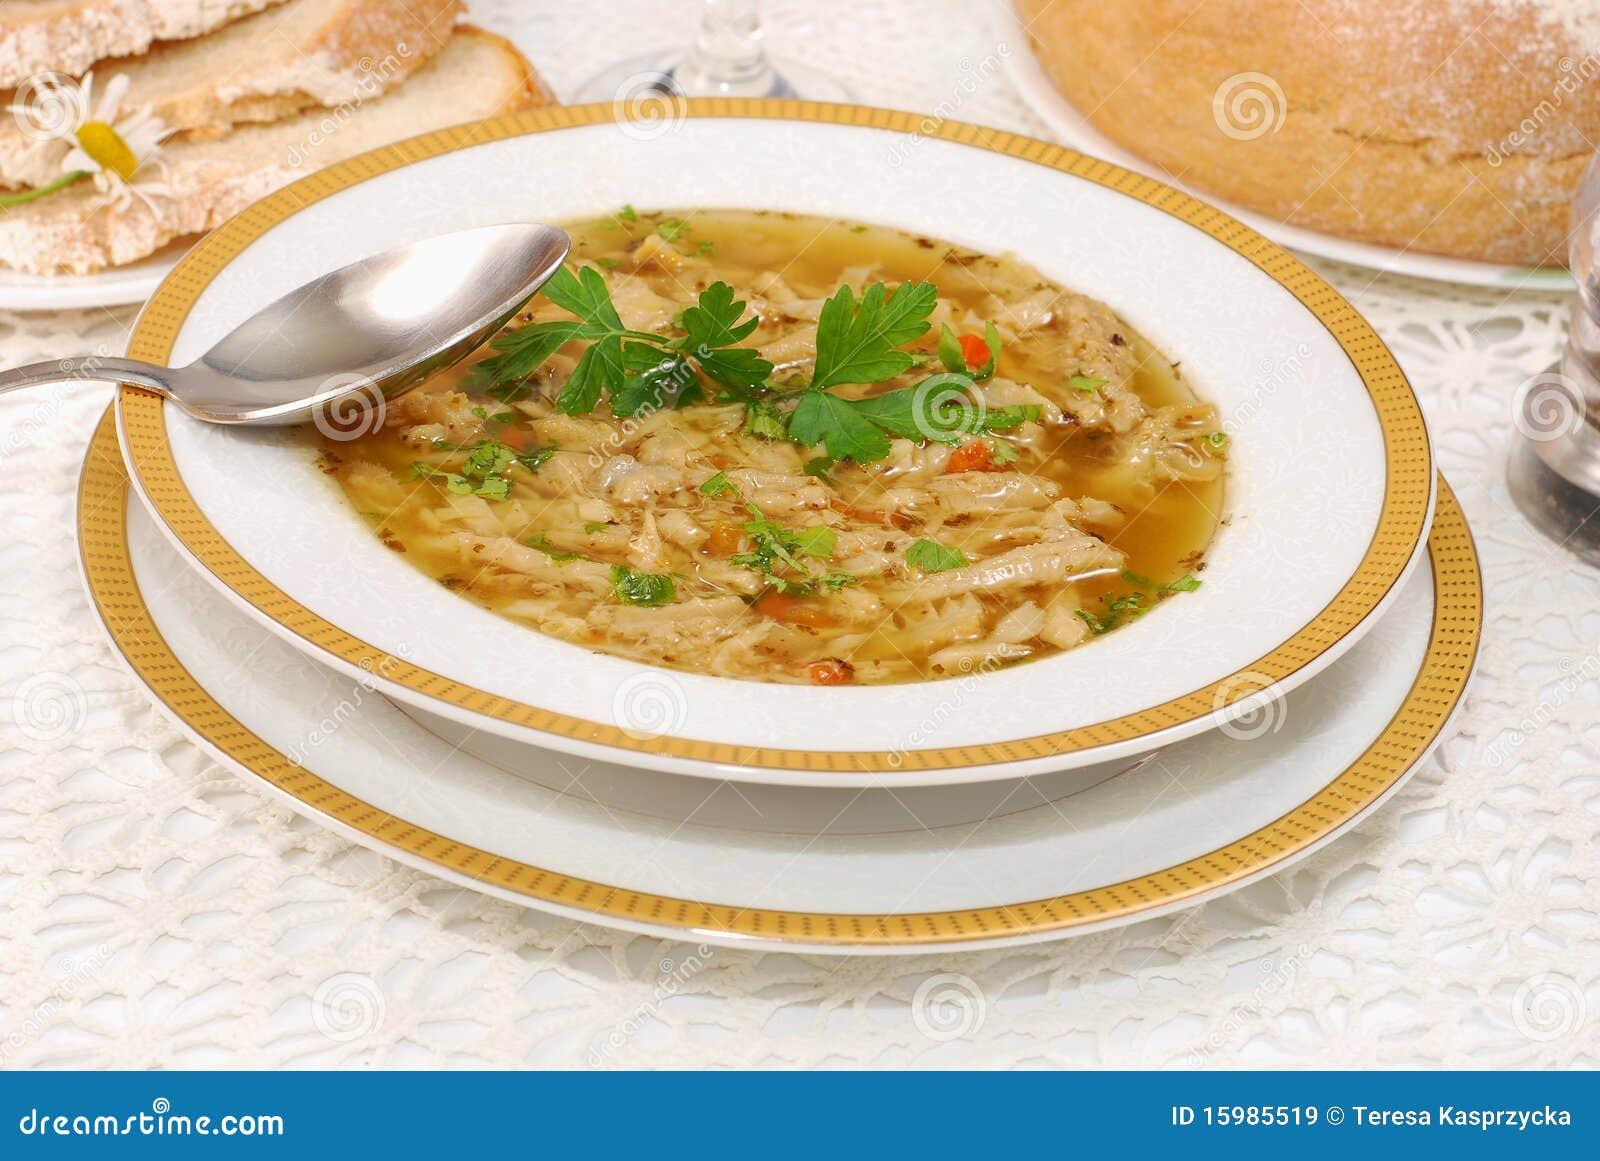 Polnische Kaldaunensuppe (flaki) Stockbild - Bild von essen, cuisine ...